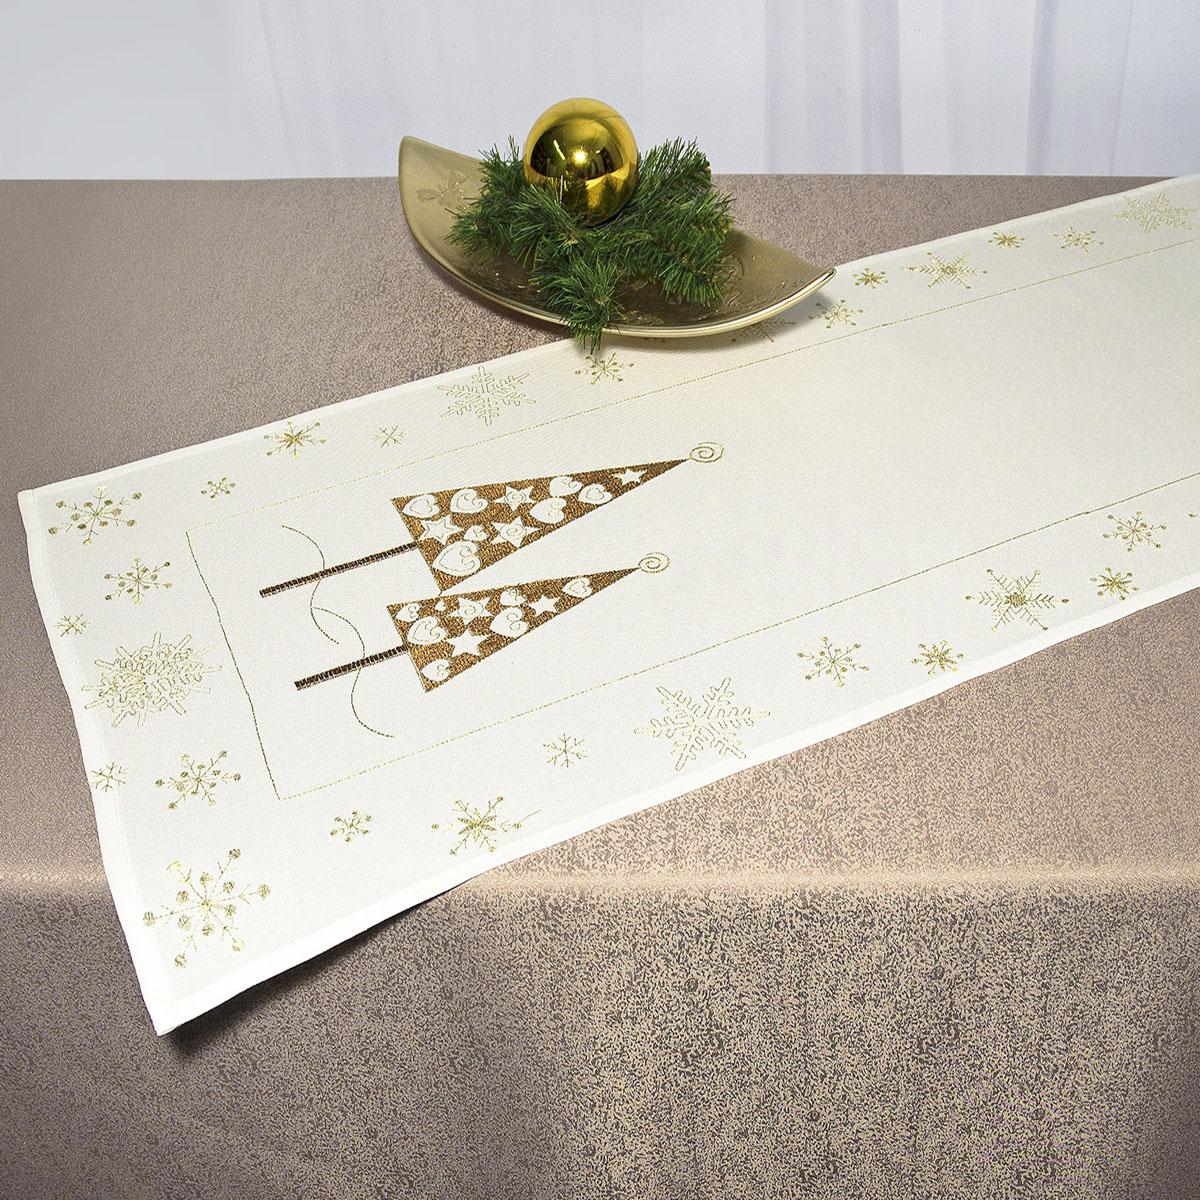 Дорожка для декорирования стола Schaefer, прямоугольная, цвет: белый, золотистый, 40 x 110 см 07486-23307486-233Дорожка Schaefer выполнена из высококачественного полиэстера и украшена вышитыми рисунками в виде новогодних елочек и снежинок. Вы можете использовать дорожку для декорирования стола, комода или журнального столика.Благодаря такой дорожке вы защитите поверхность мебели от воды, пятен и механических воздействий, а также создадите атмосферу уюта и домашнего тепла в интерьере вашей квартиры. Изделия из искусственных волокон легко стирать: они не мнутся, не садятся и быстро сохнут, они более долговечны, чем изделия из натуральных волокон. Изысканный текстиль от немецкой компании Schaefer - это красота, стиль и уют в вашем доме. Дорожка органично впишется в интерьер любого помещения, а оригинальный дизайн удовлетворит даже самый изысканный вкус. Дарите себе и близким красоту каждый день!